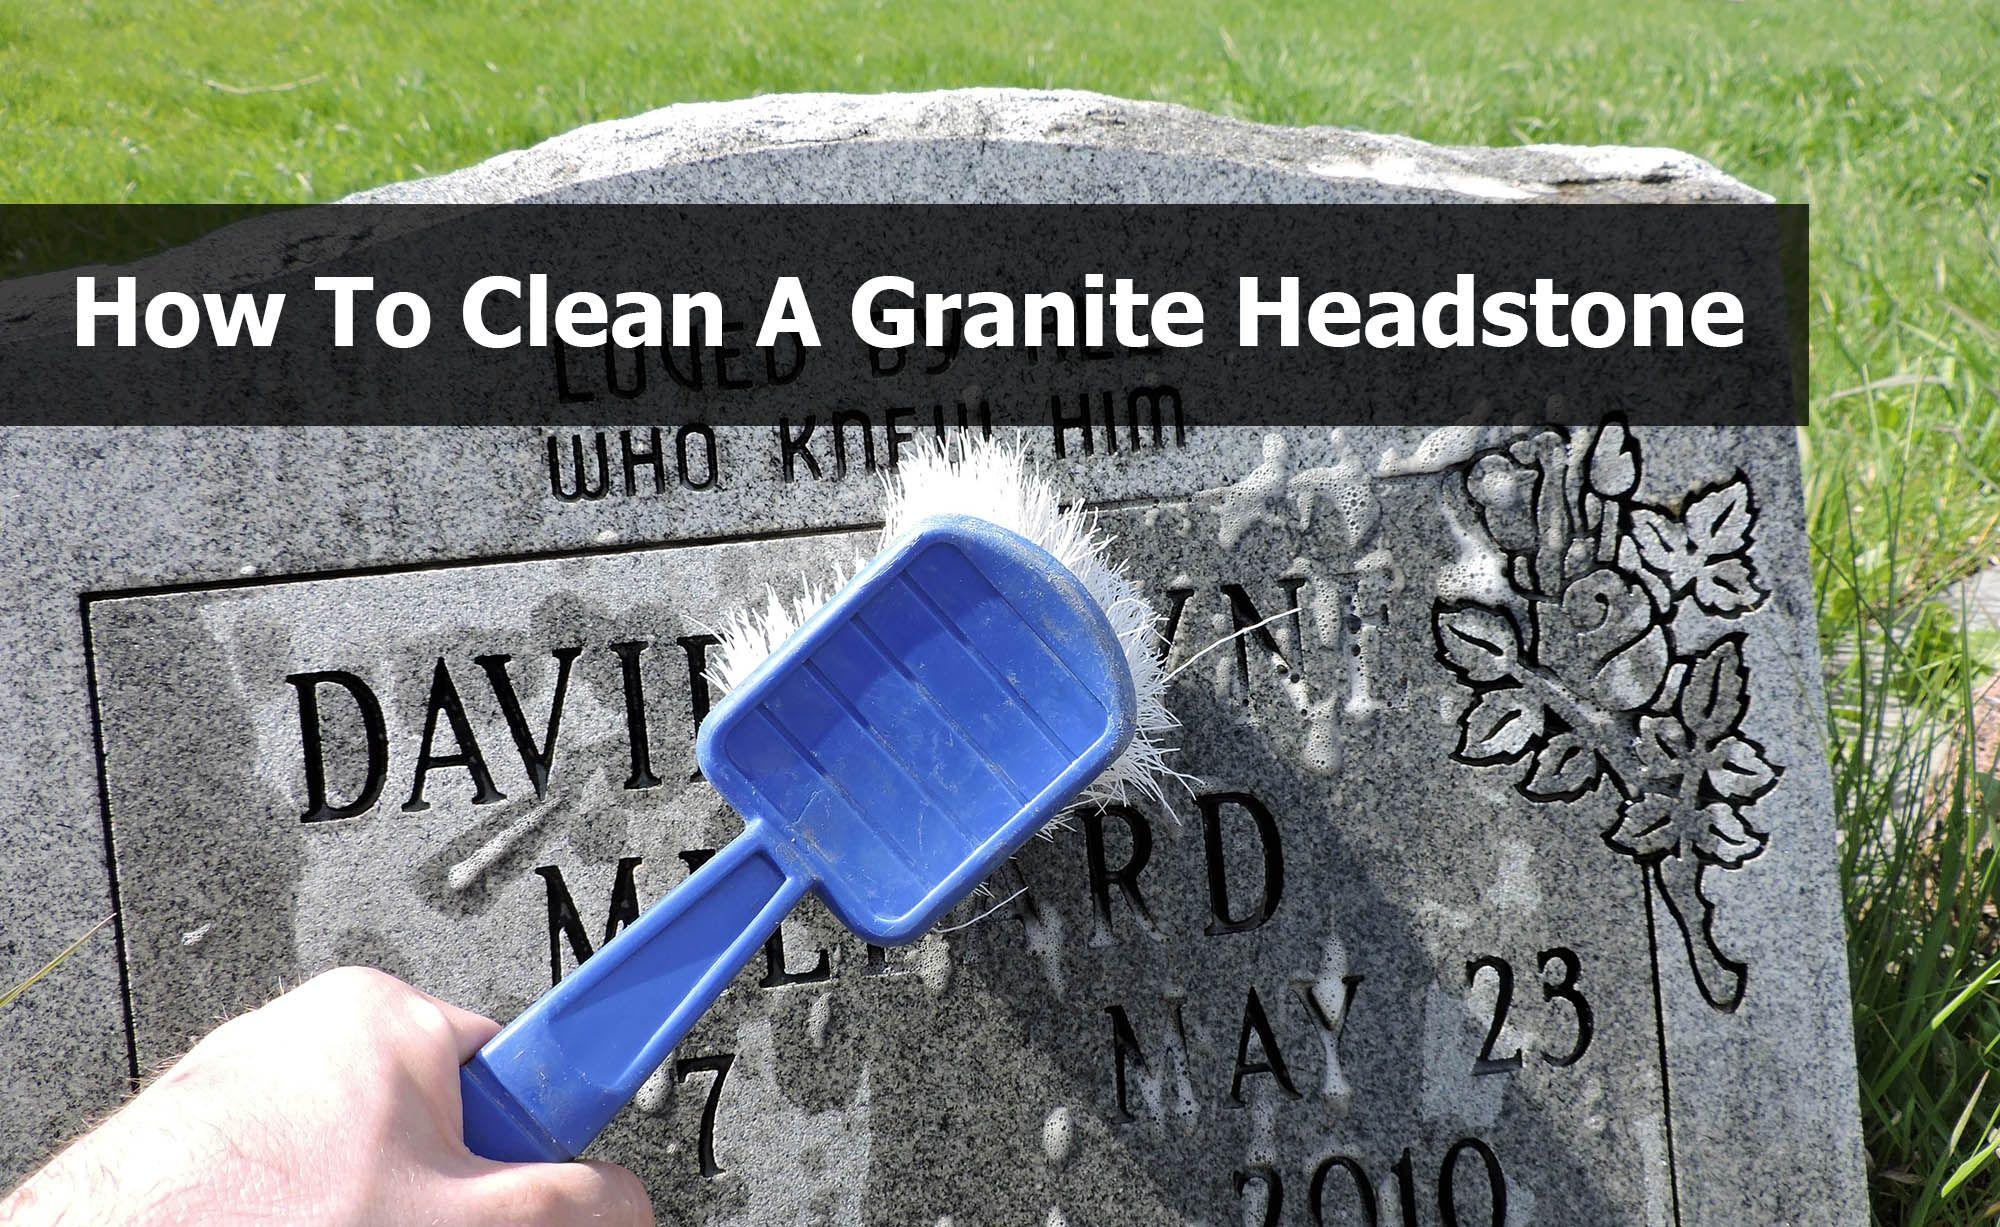 Clean Min Jpg 2 000 1 227 Pixels Granite Headstones Headstones How To Clean Headstones